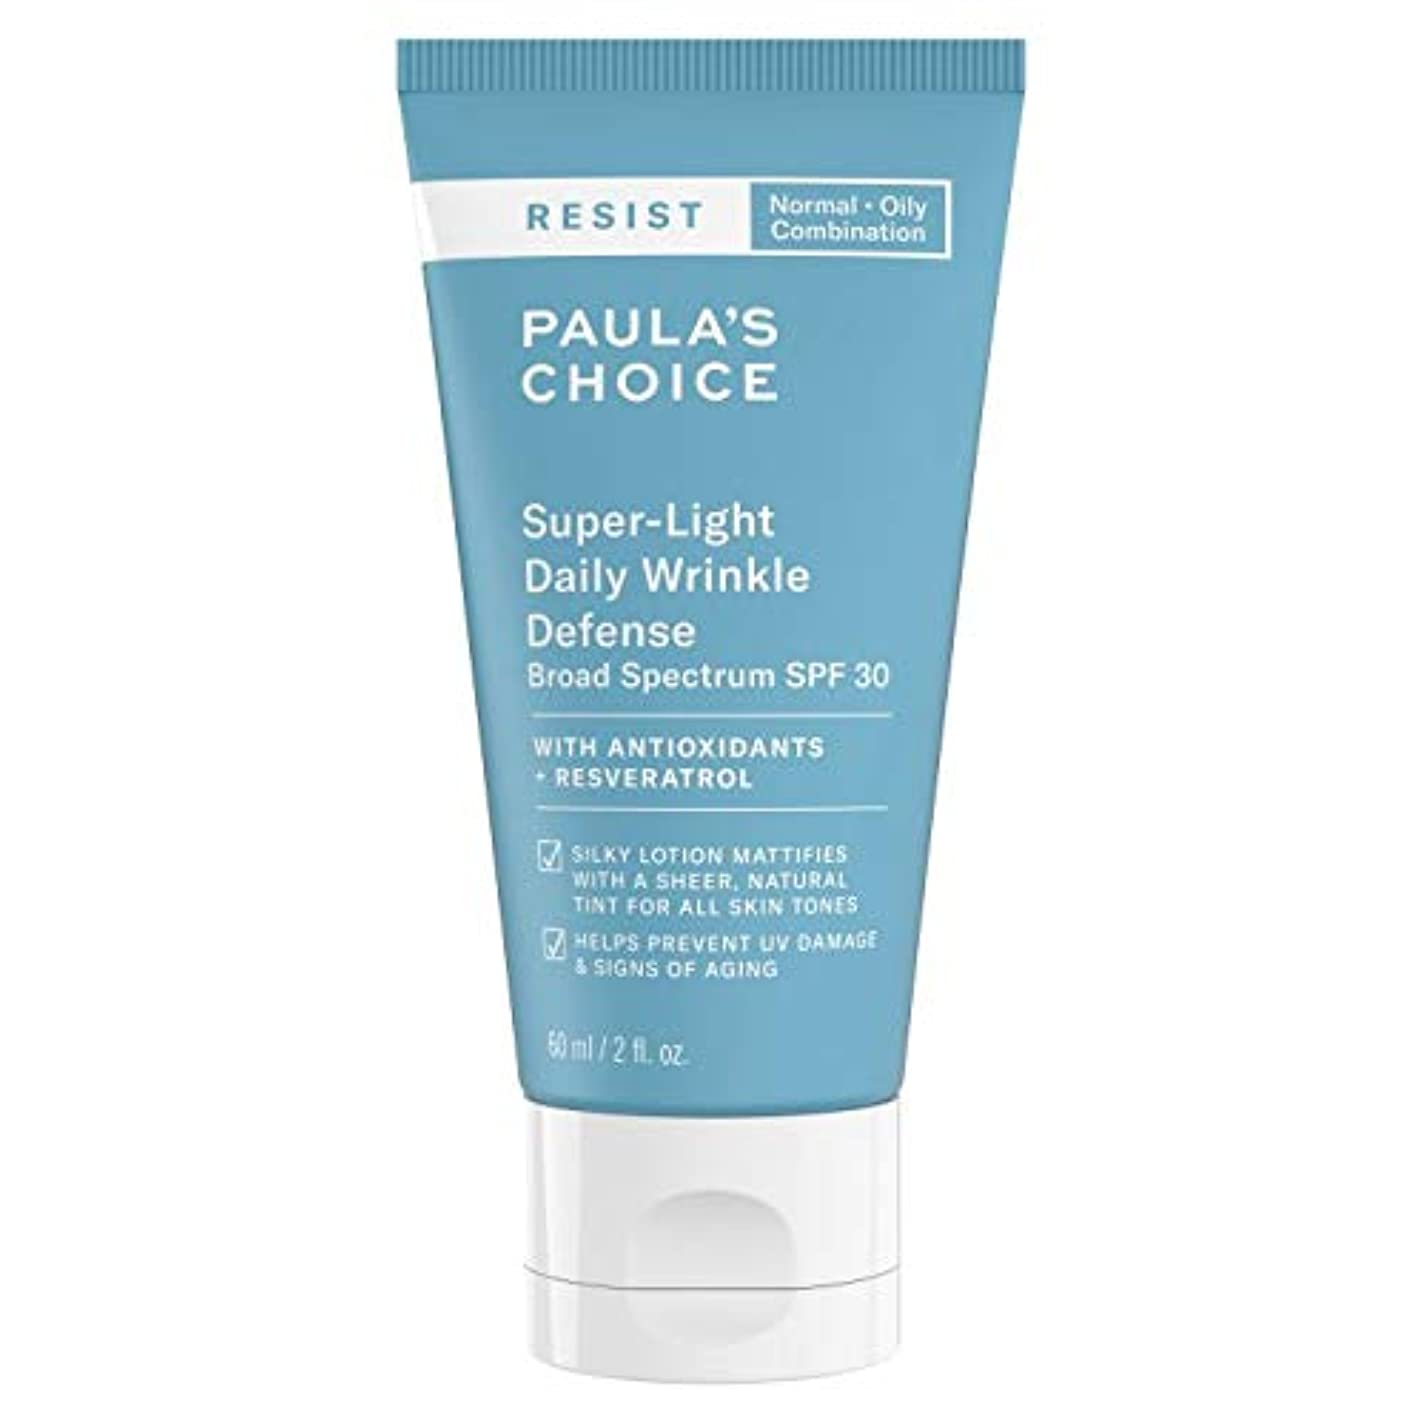 バイアス胆嚢バストポーラチョイス レジスト スーパーライト 毎日のしわの防衛 サンスクリーン (60ml) SPF30 / Paula's Choice Resist Super-Light Daily Wrinkle Defense Sunscreen